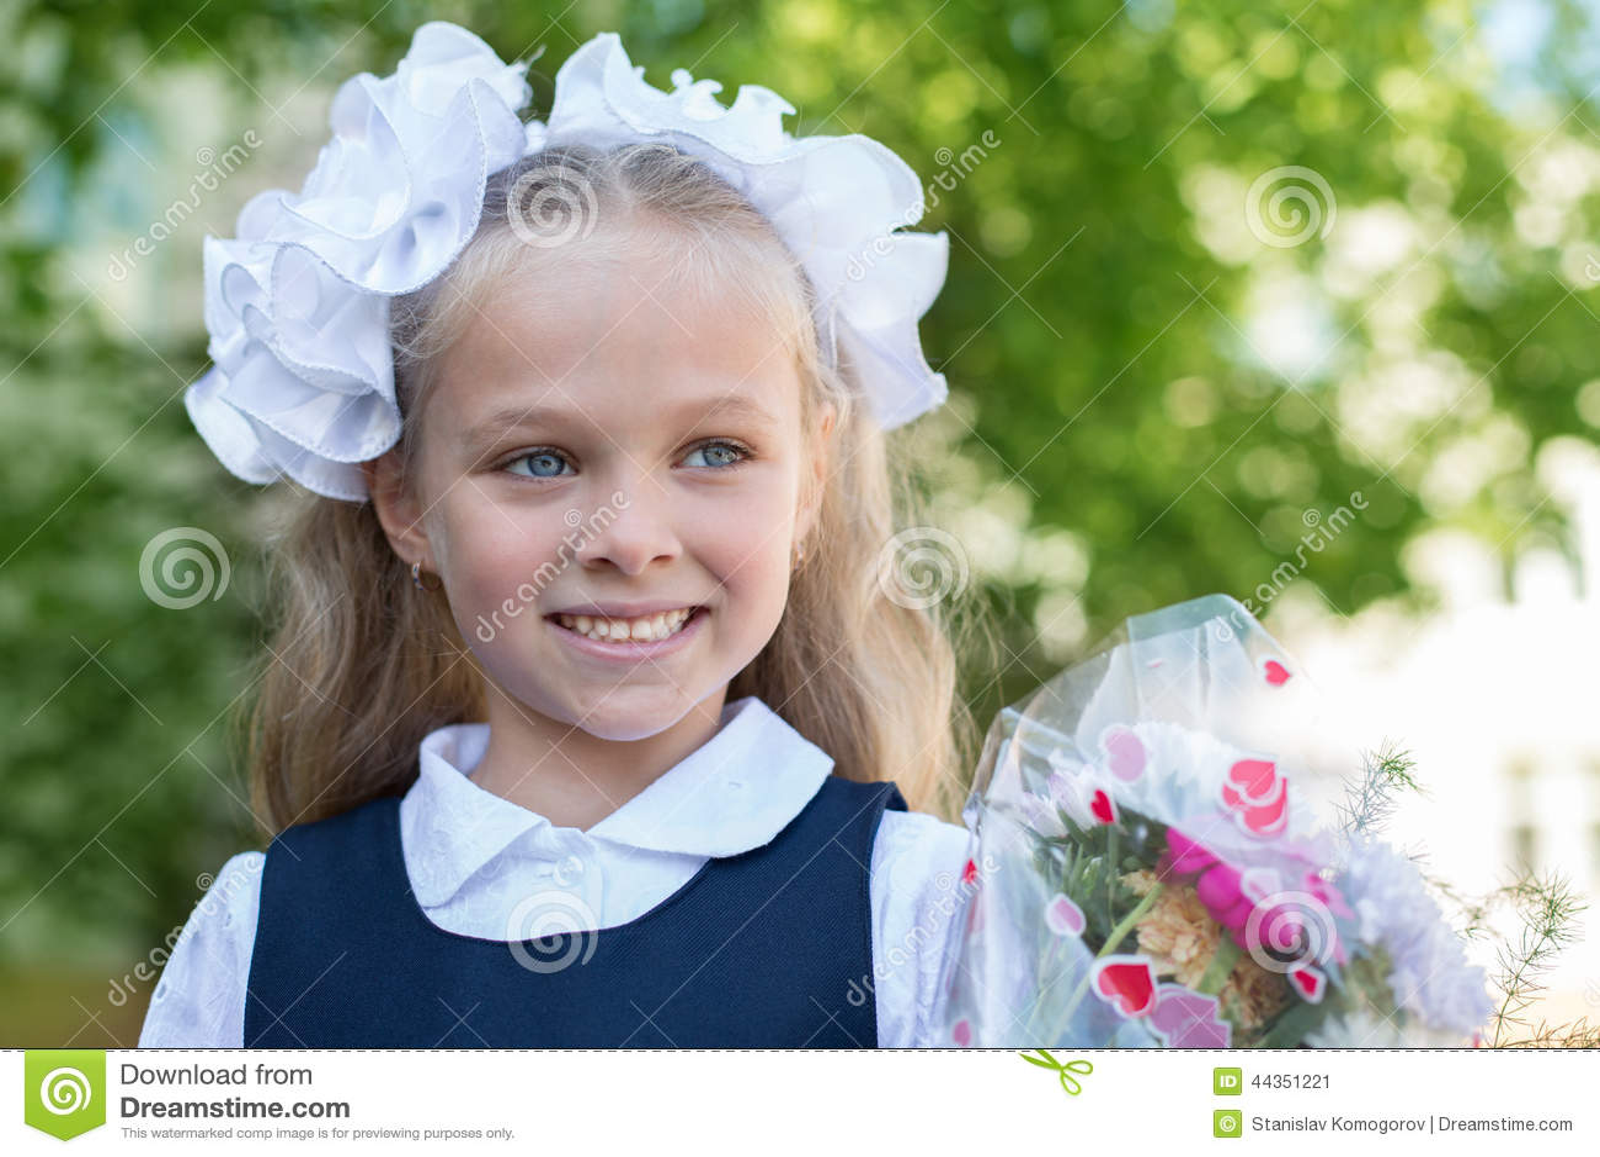 Прическа первый класс девочка